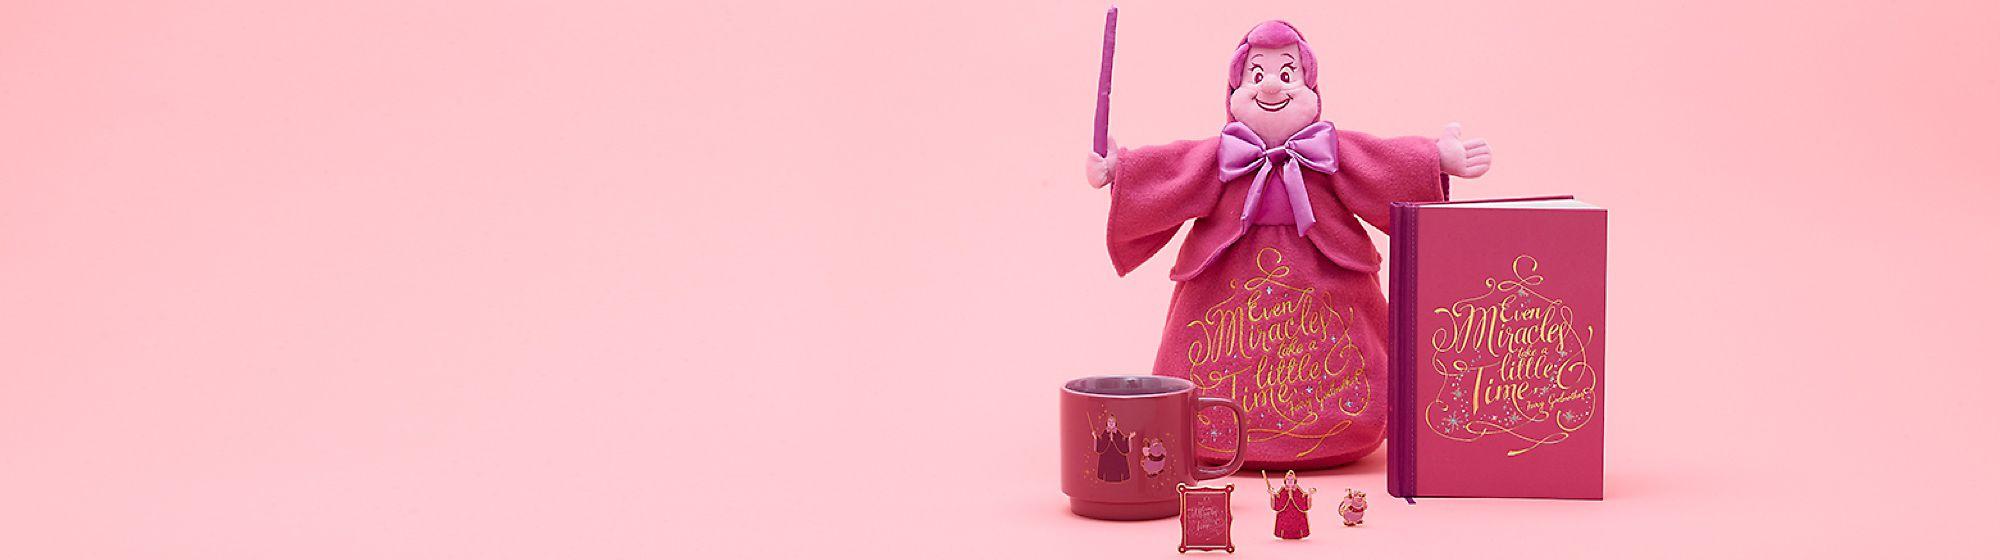 Marraine La Bonne Fée Une collection pleine de magie Bientôt disponible Sortie le 10 décembre